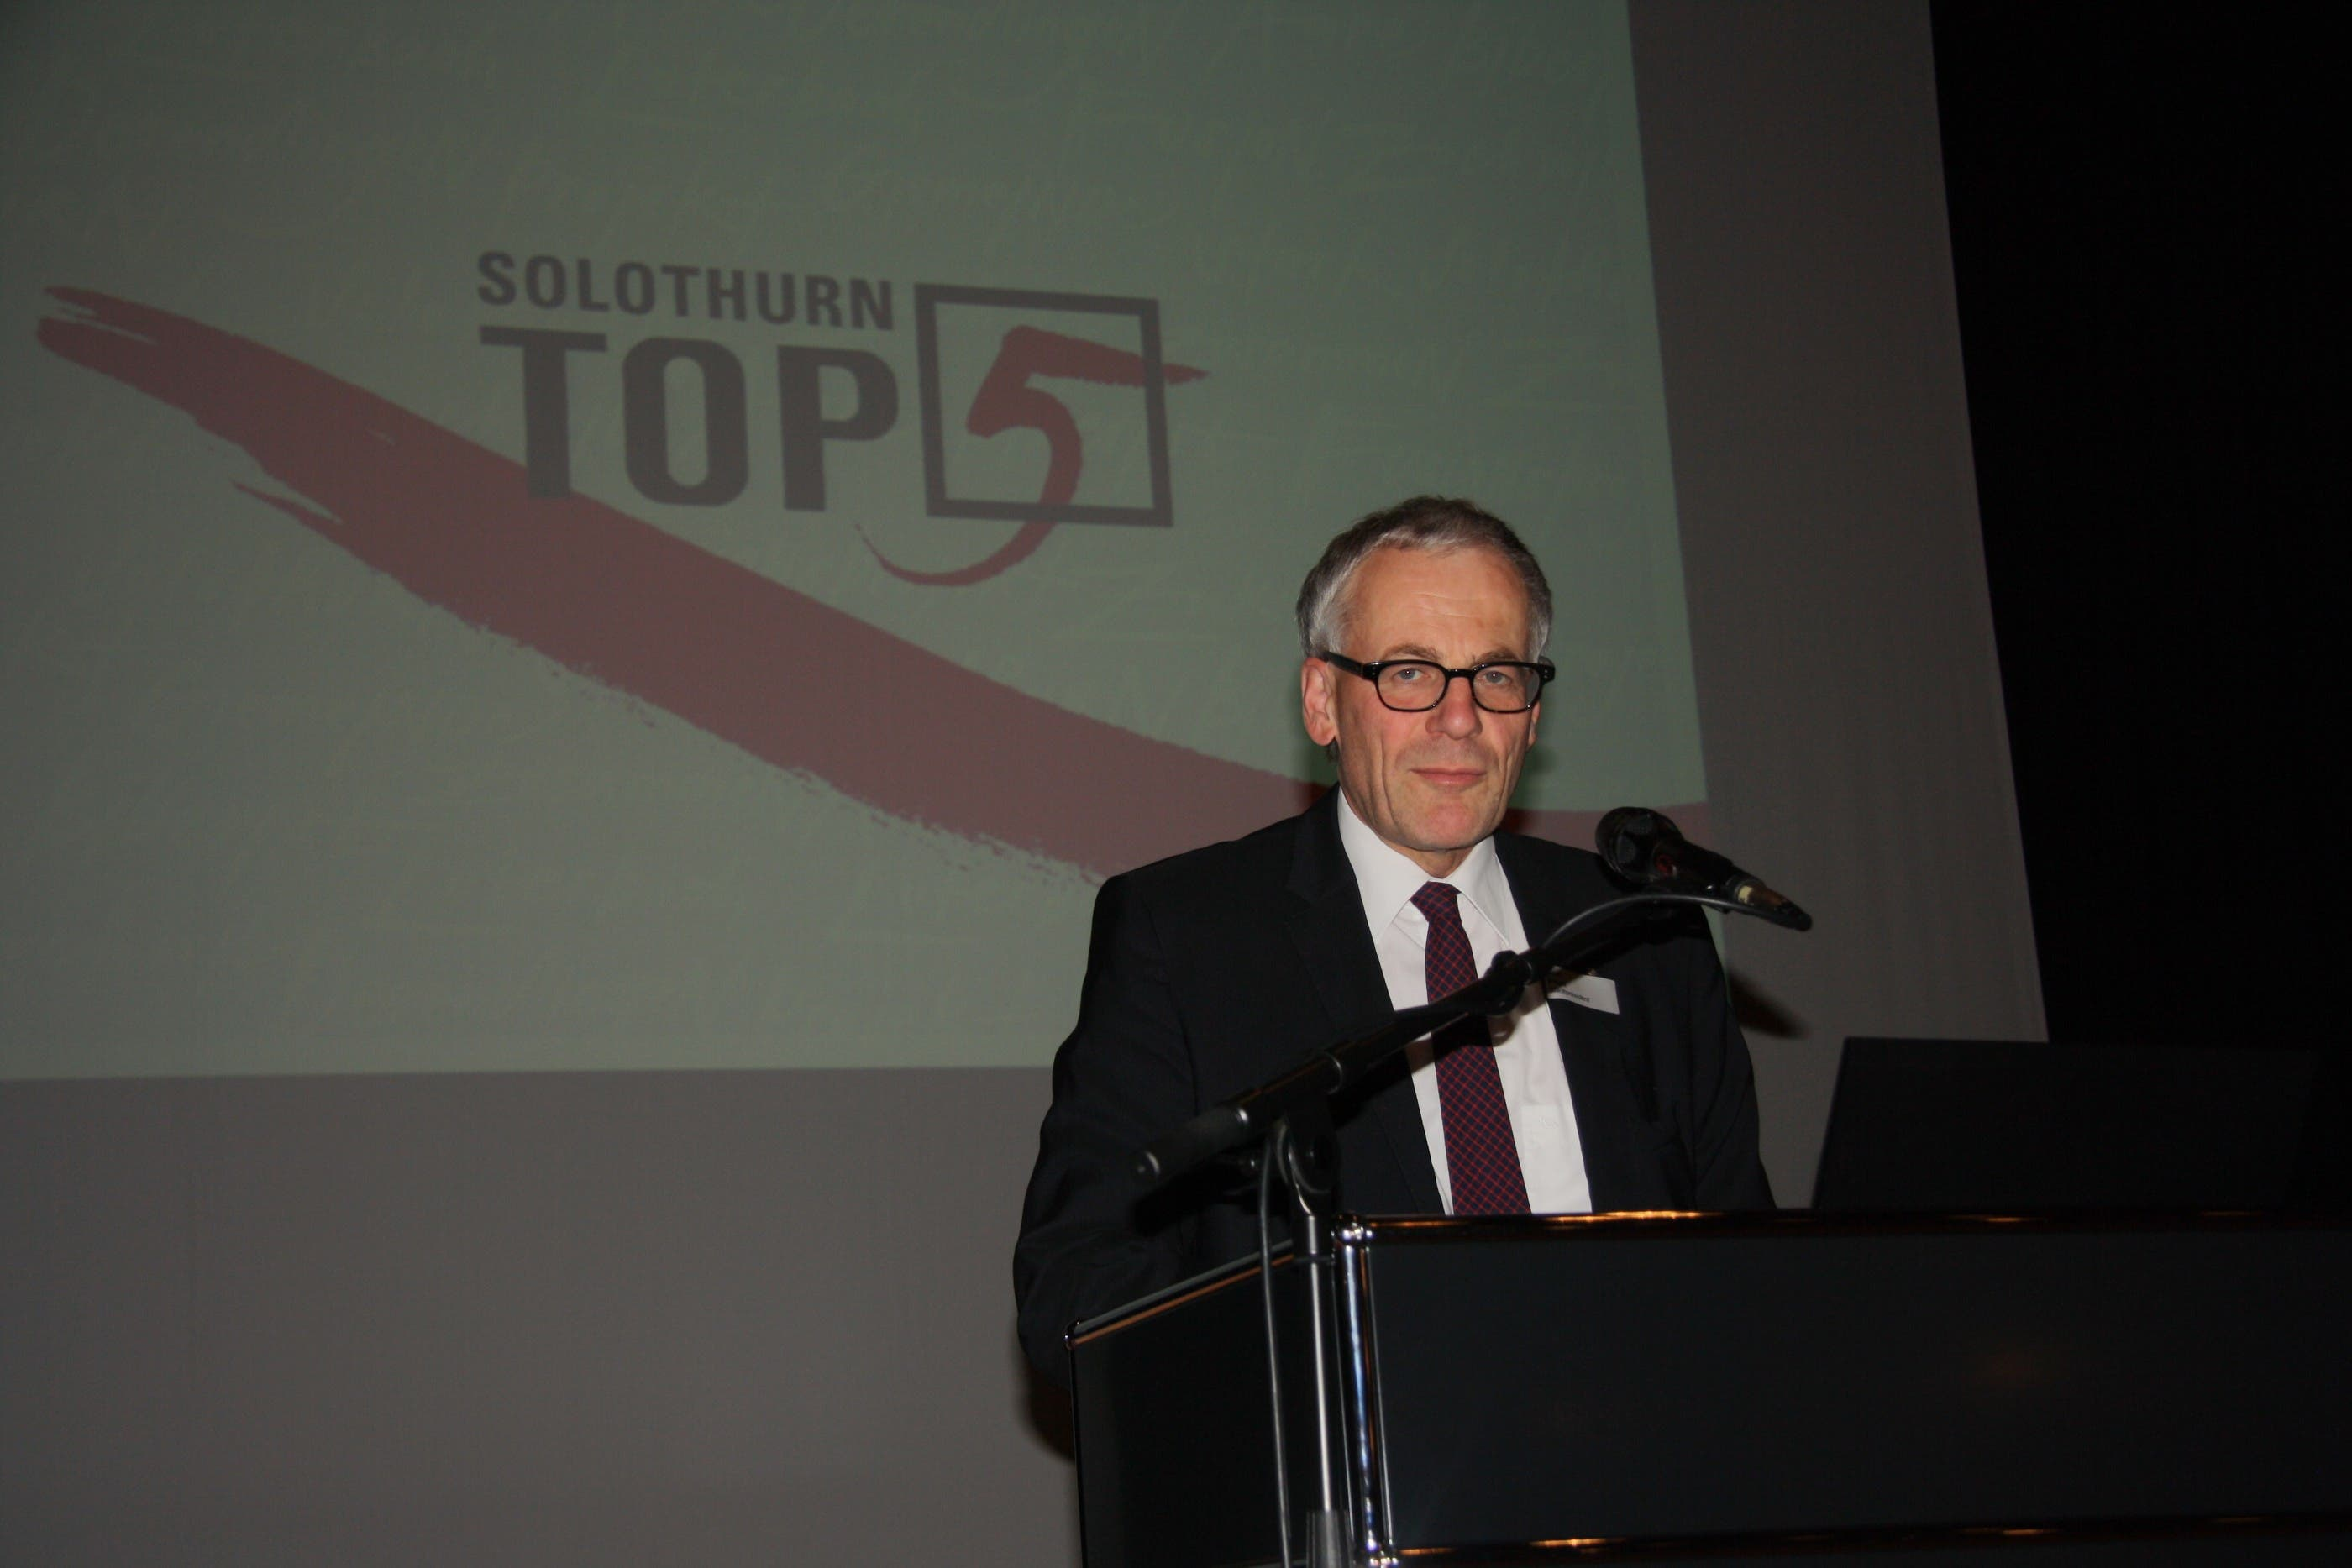 «Mitwirkungs-Workshop zur Fusion «Solothurn Top 5»